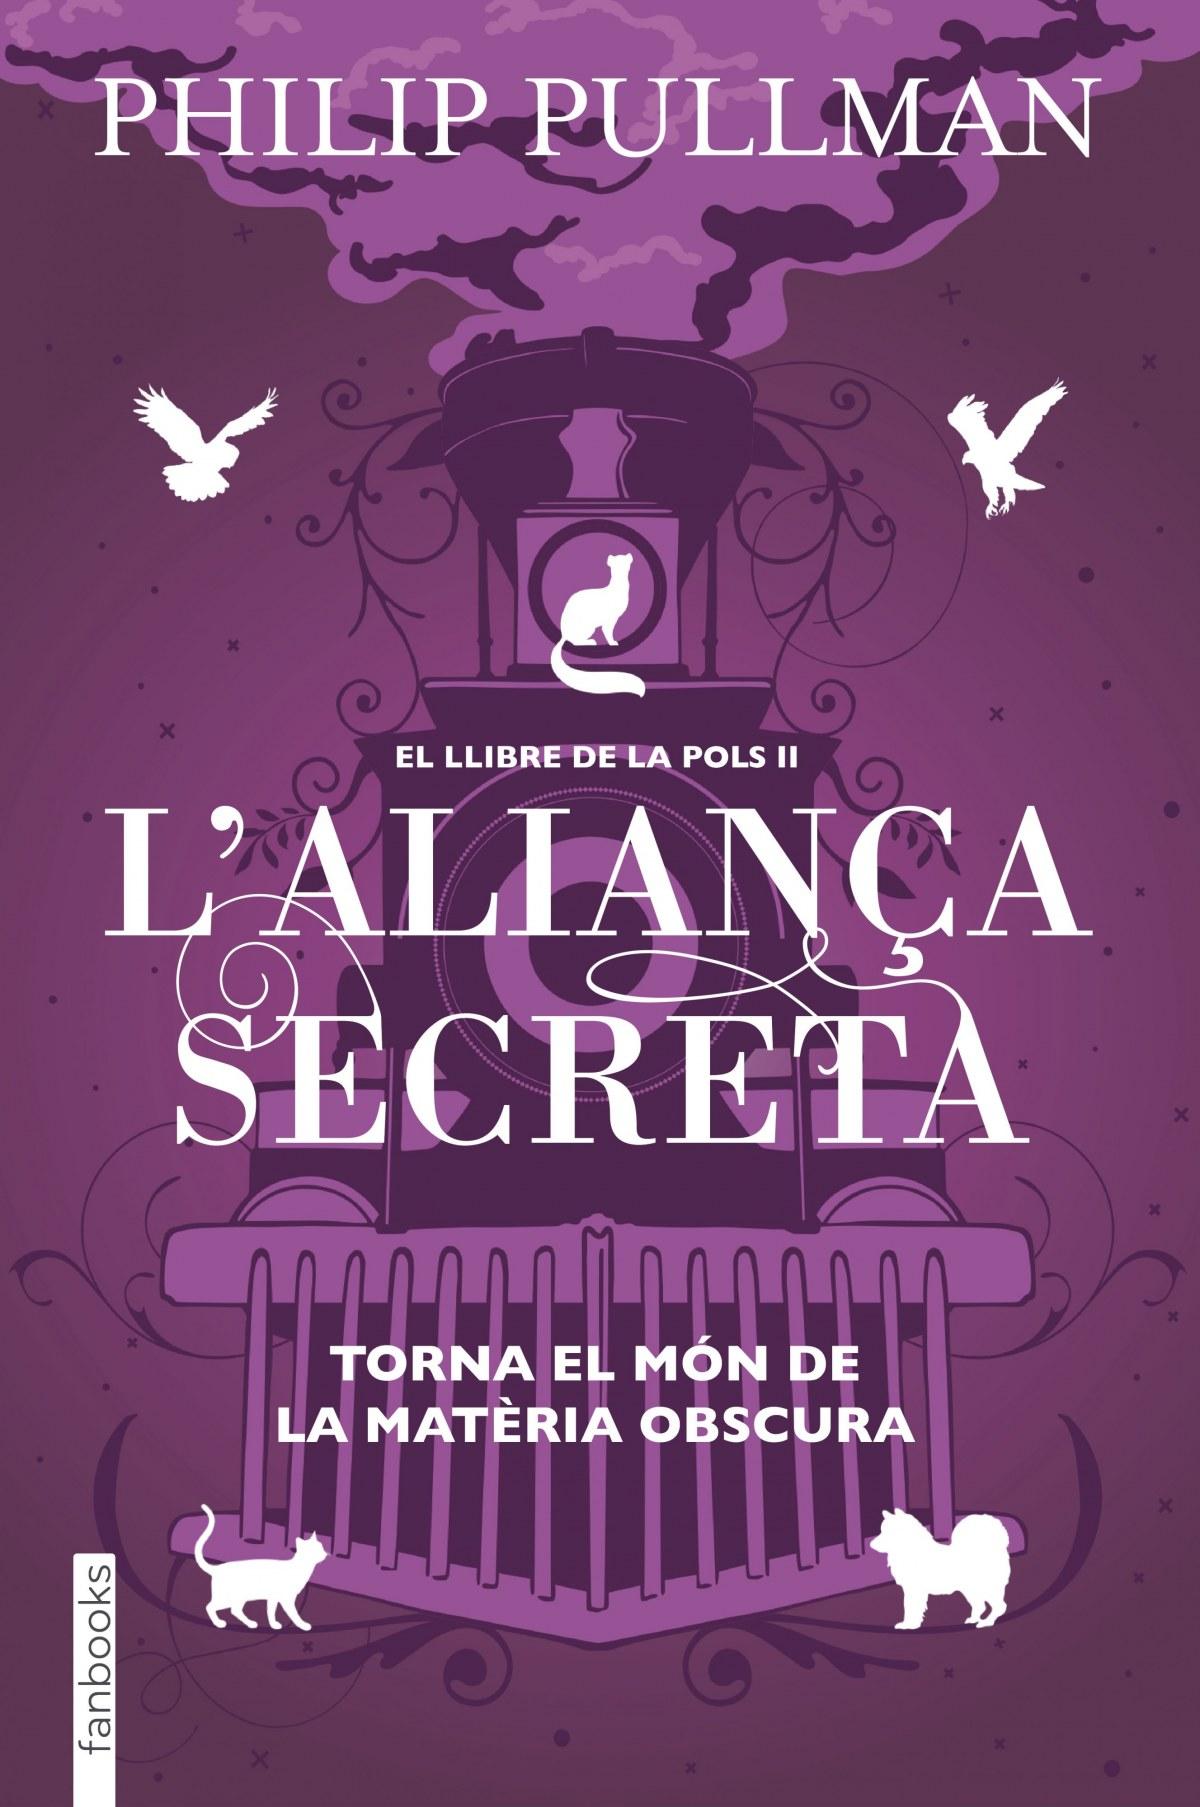 El Llibre de la Pols 2. L'aliança secreta